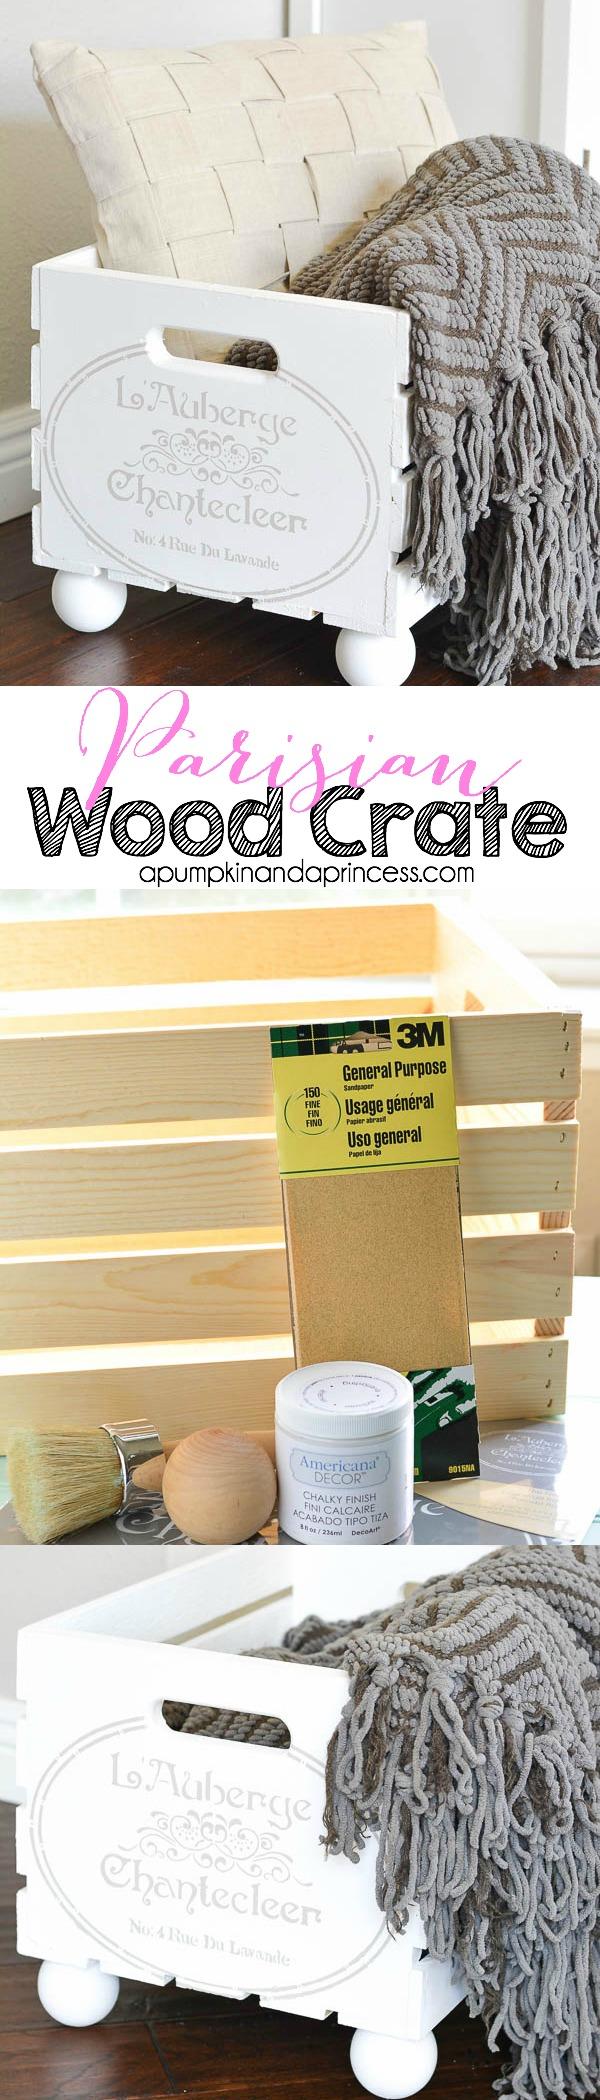 DIY Parisian Wood Crate